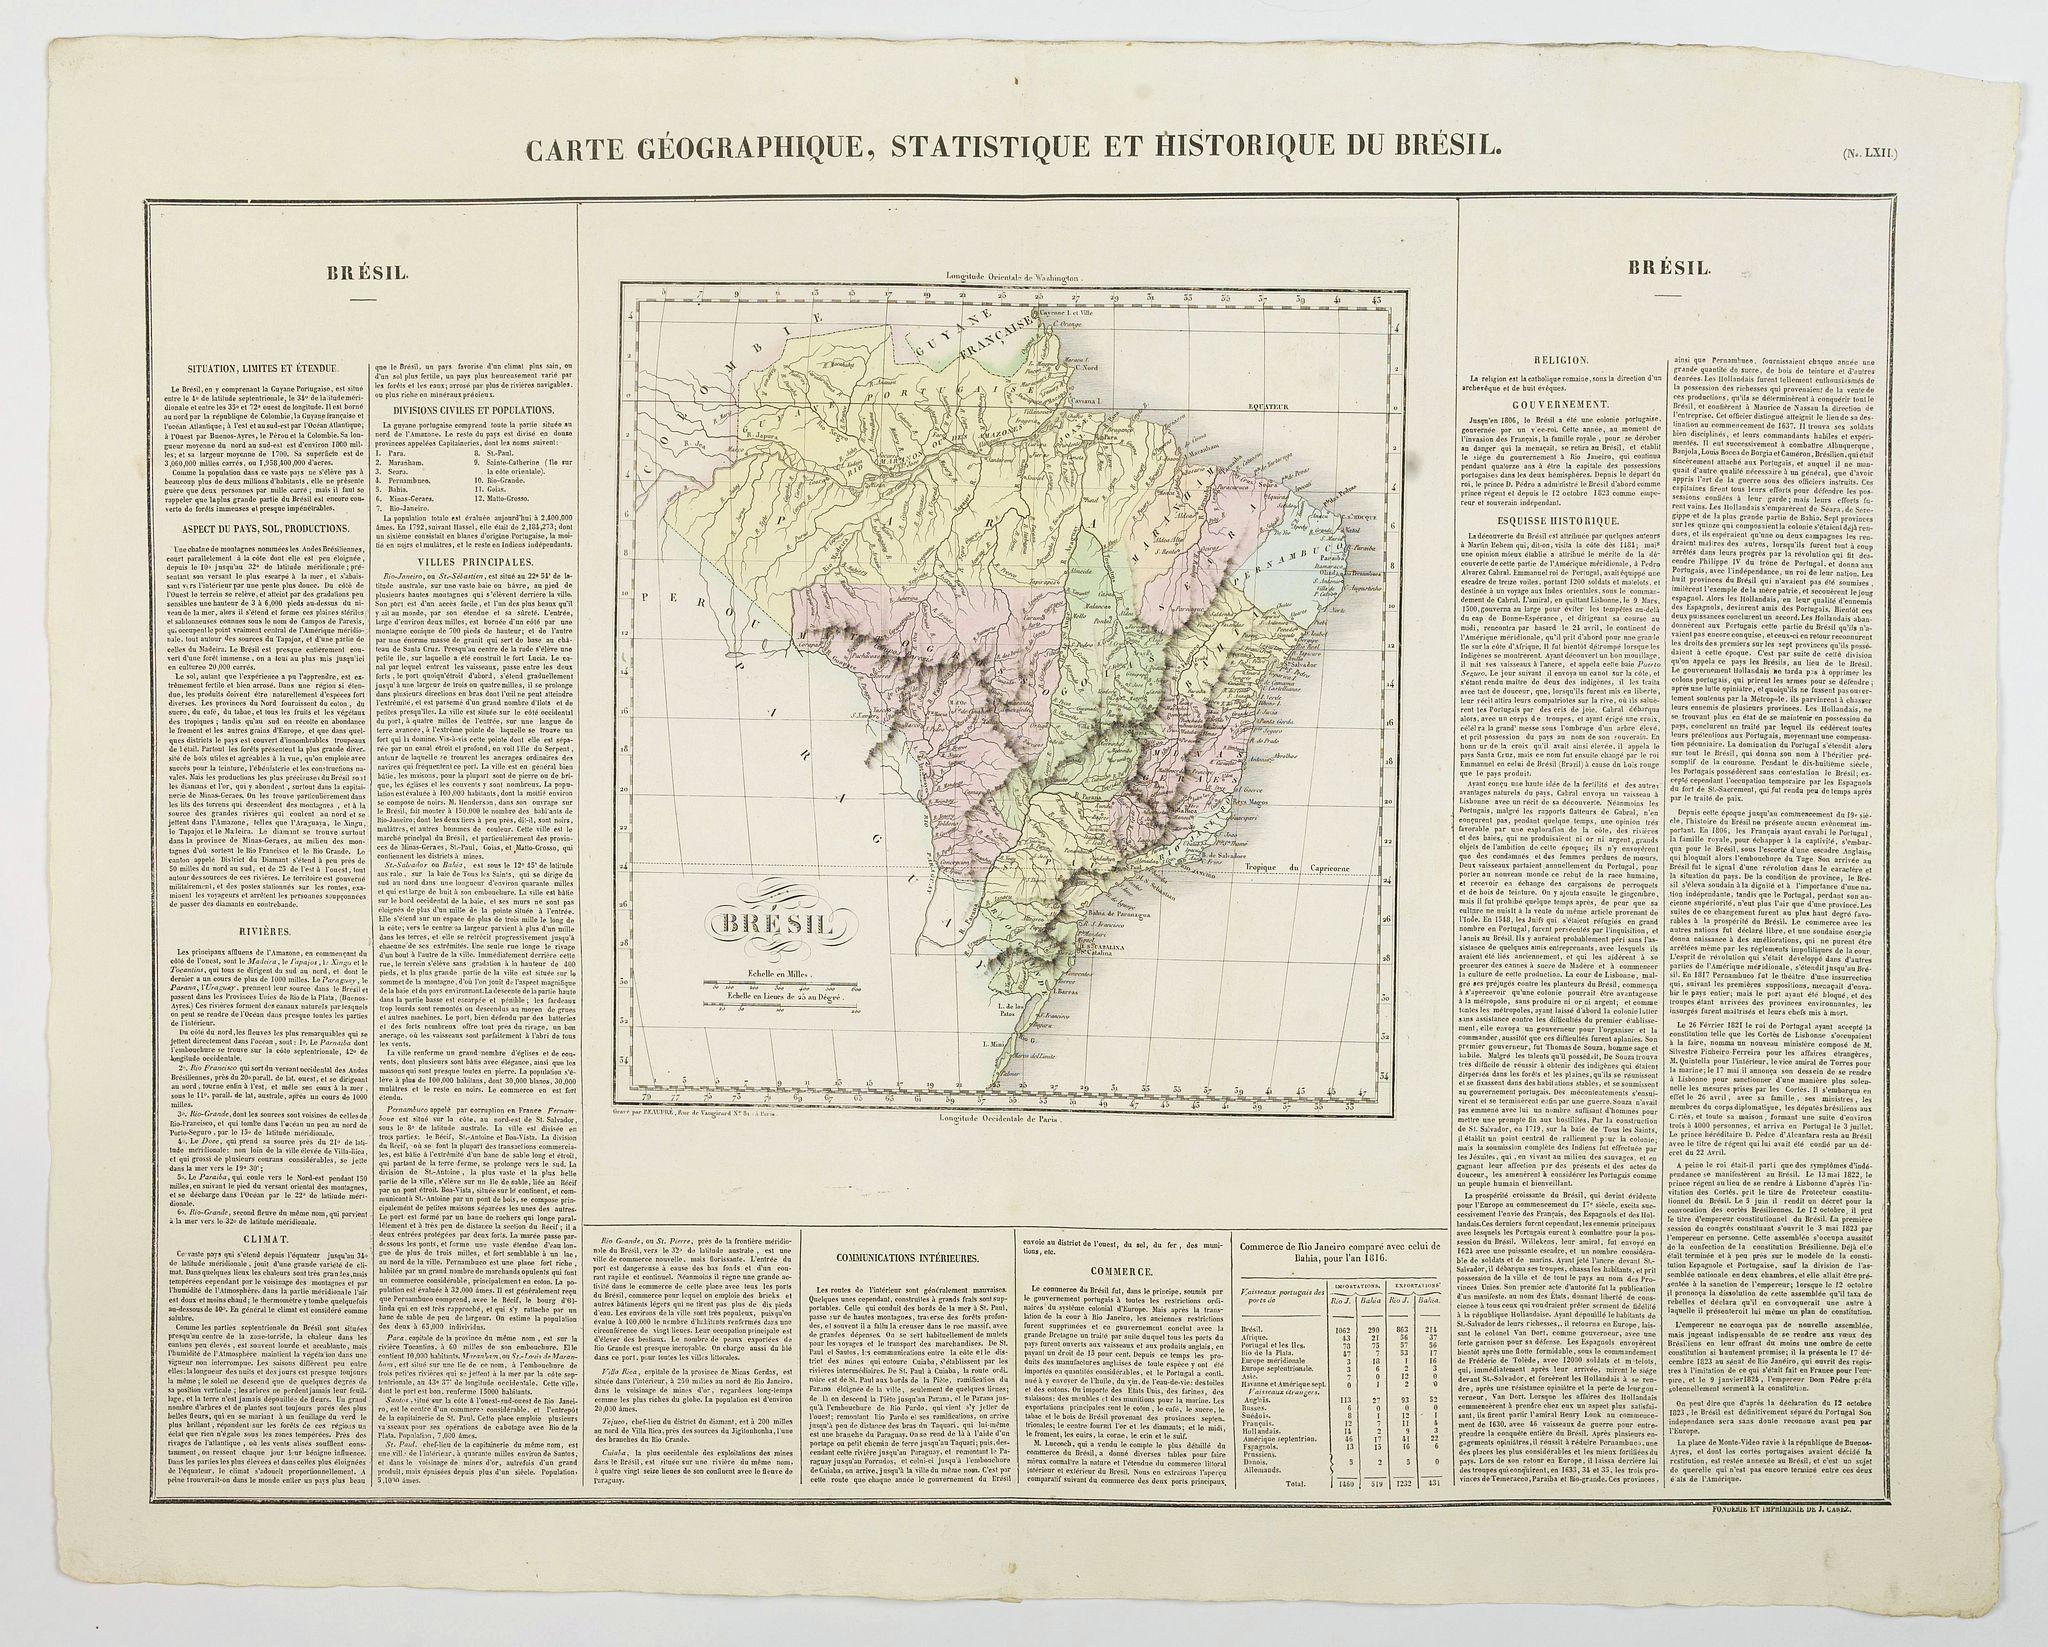 BUCHON, J.A. -  Carte Geographique, Statistique et Historique du Bresil.